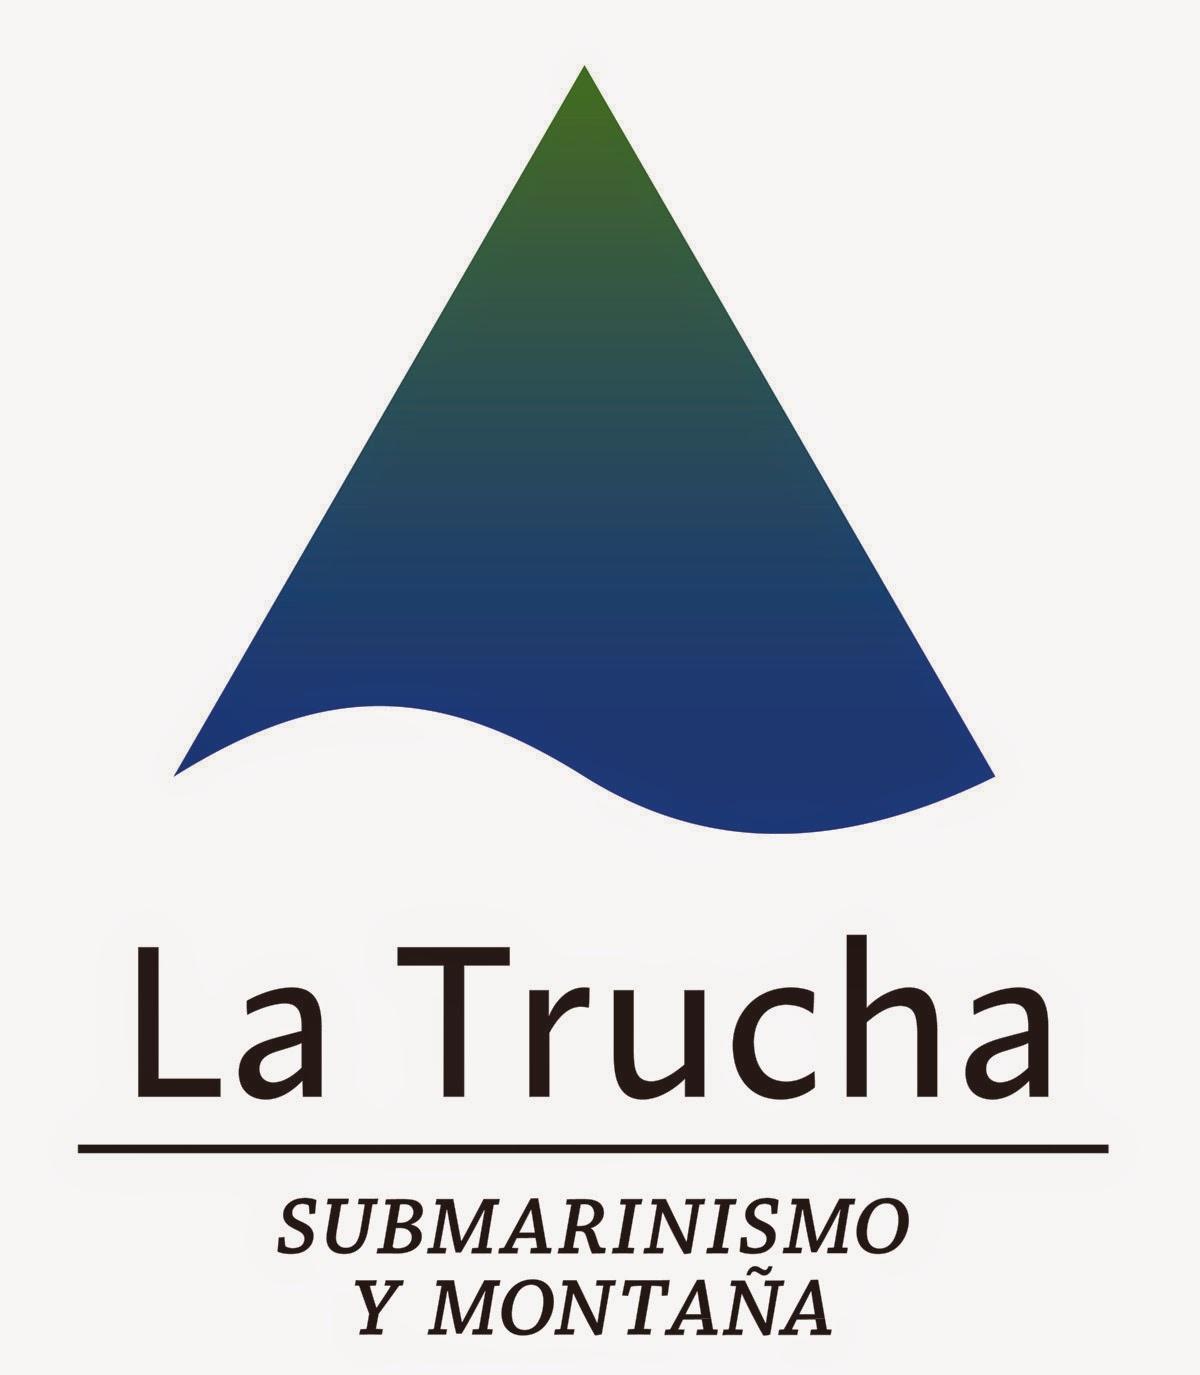 La Trucha Submarinismo y Montaña